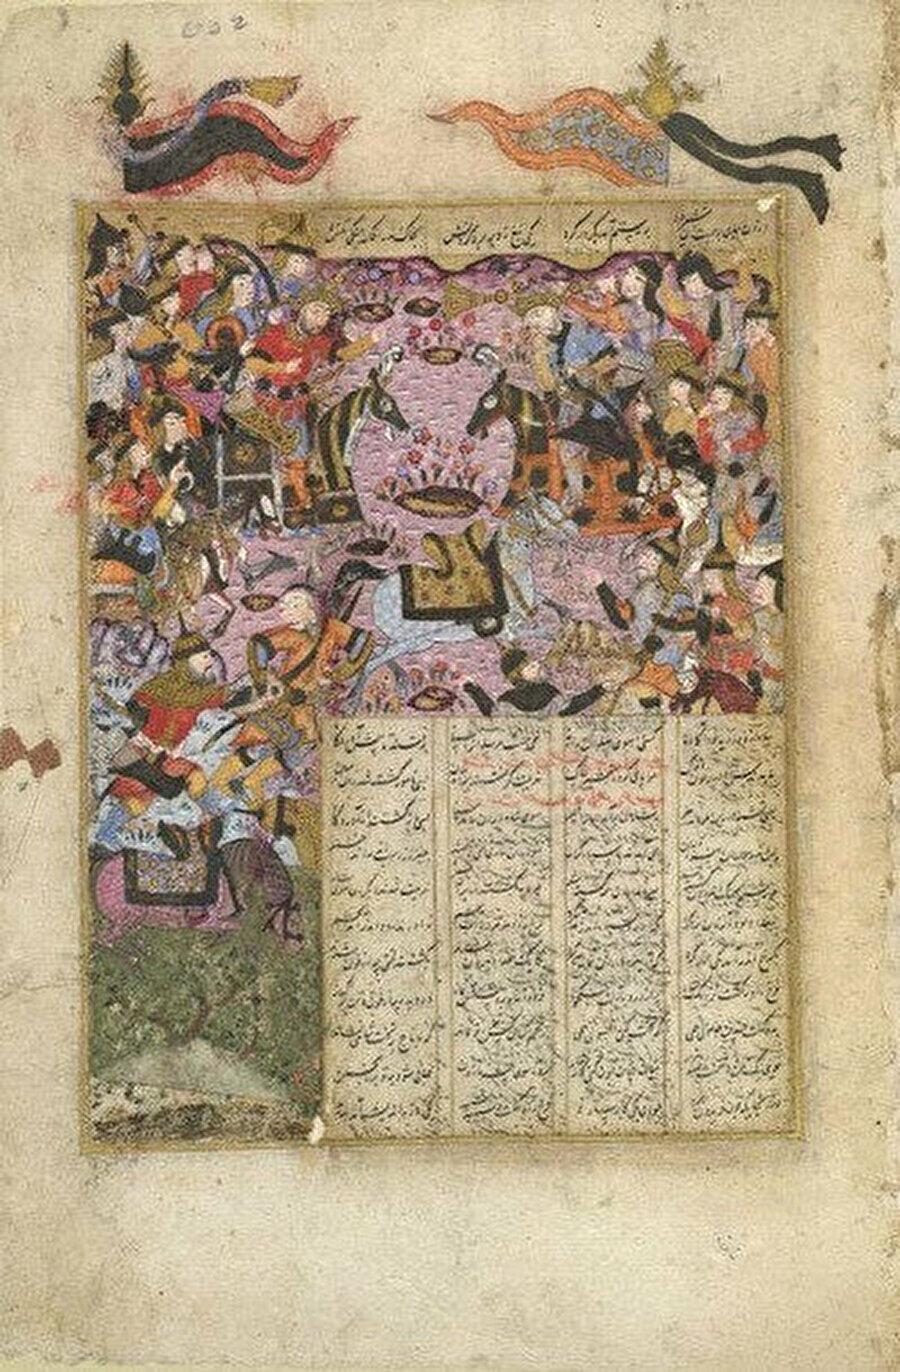 Şehname'de Kâdisiye Savaşı'nı tasvir eden bir minyatür.